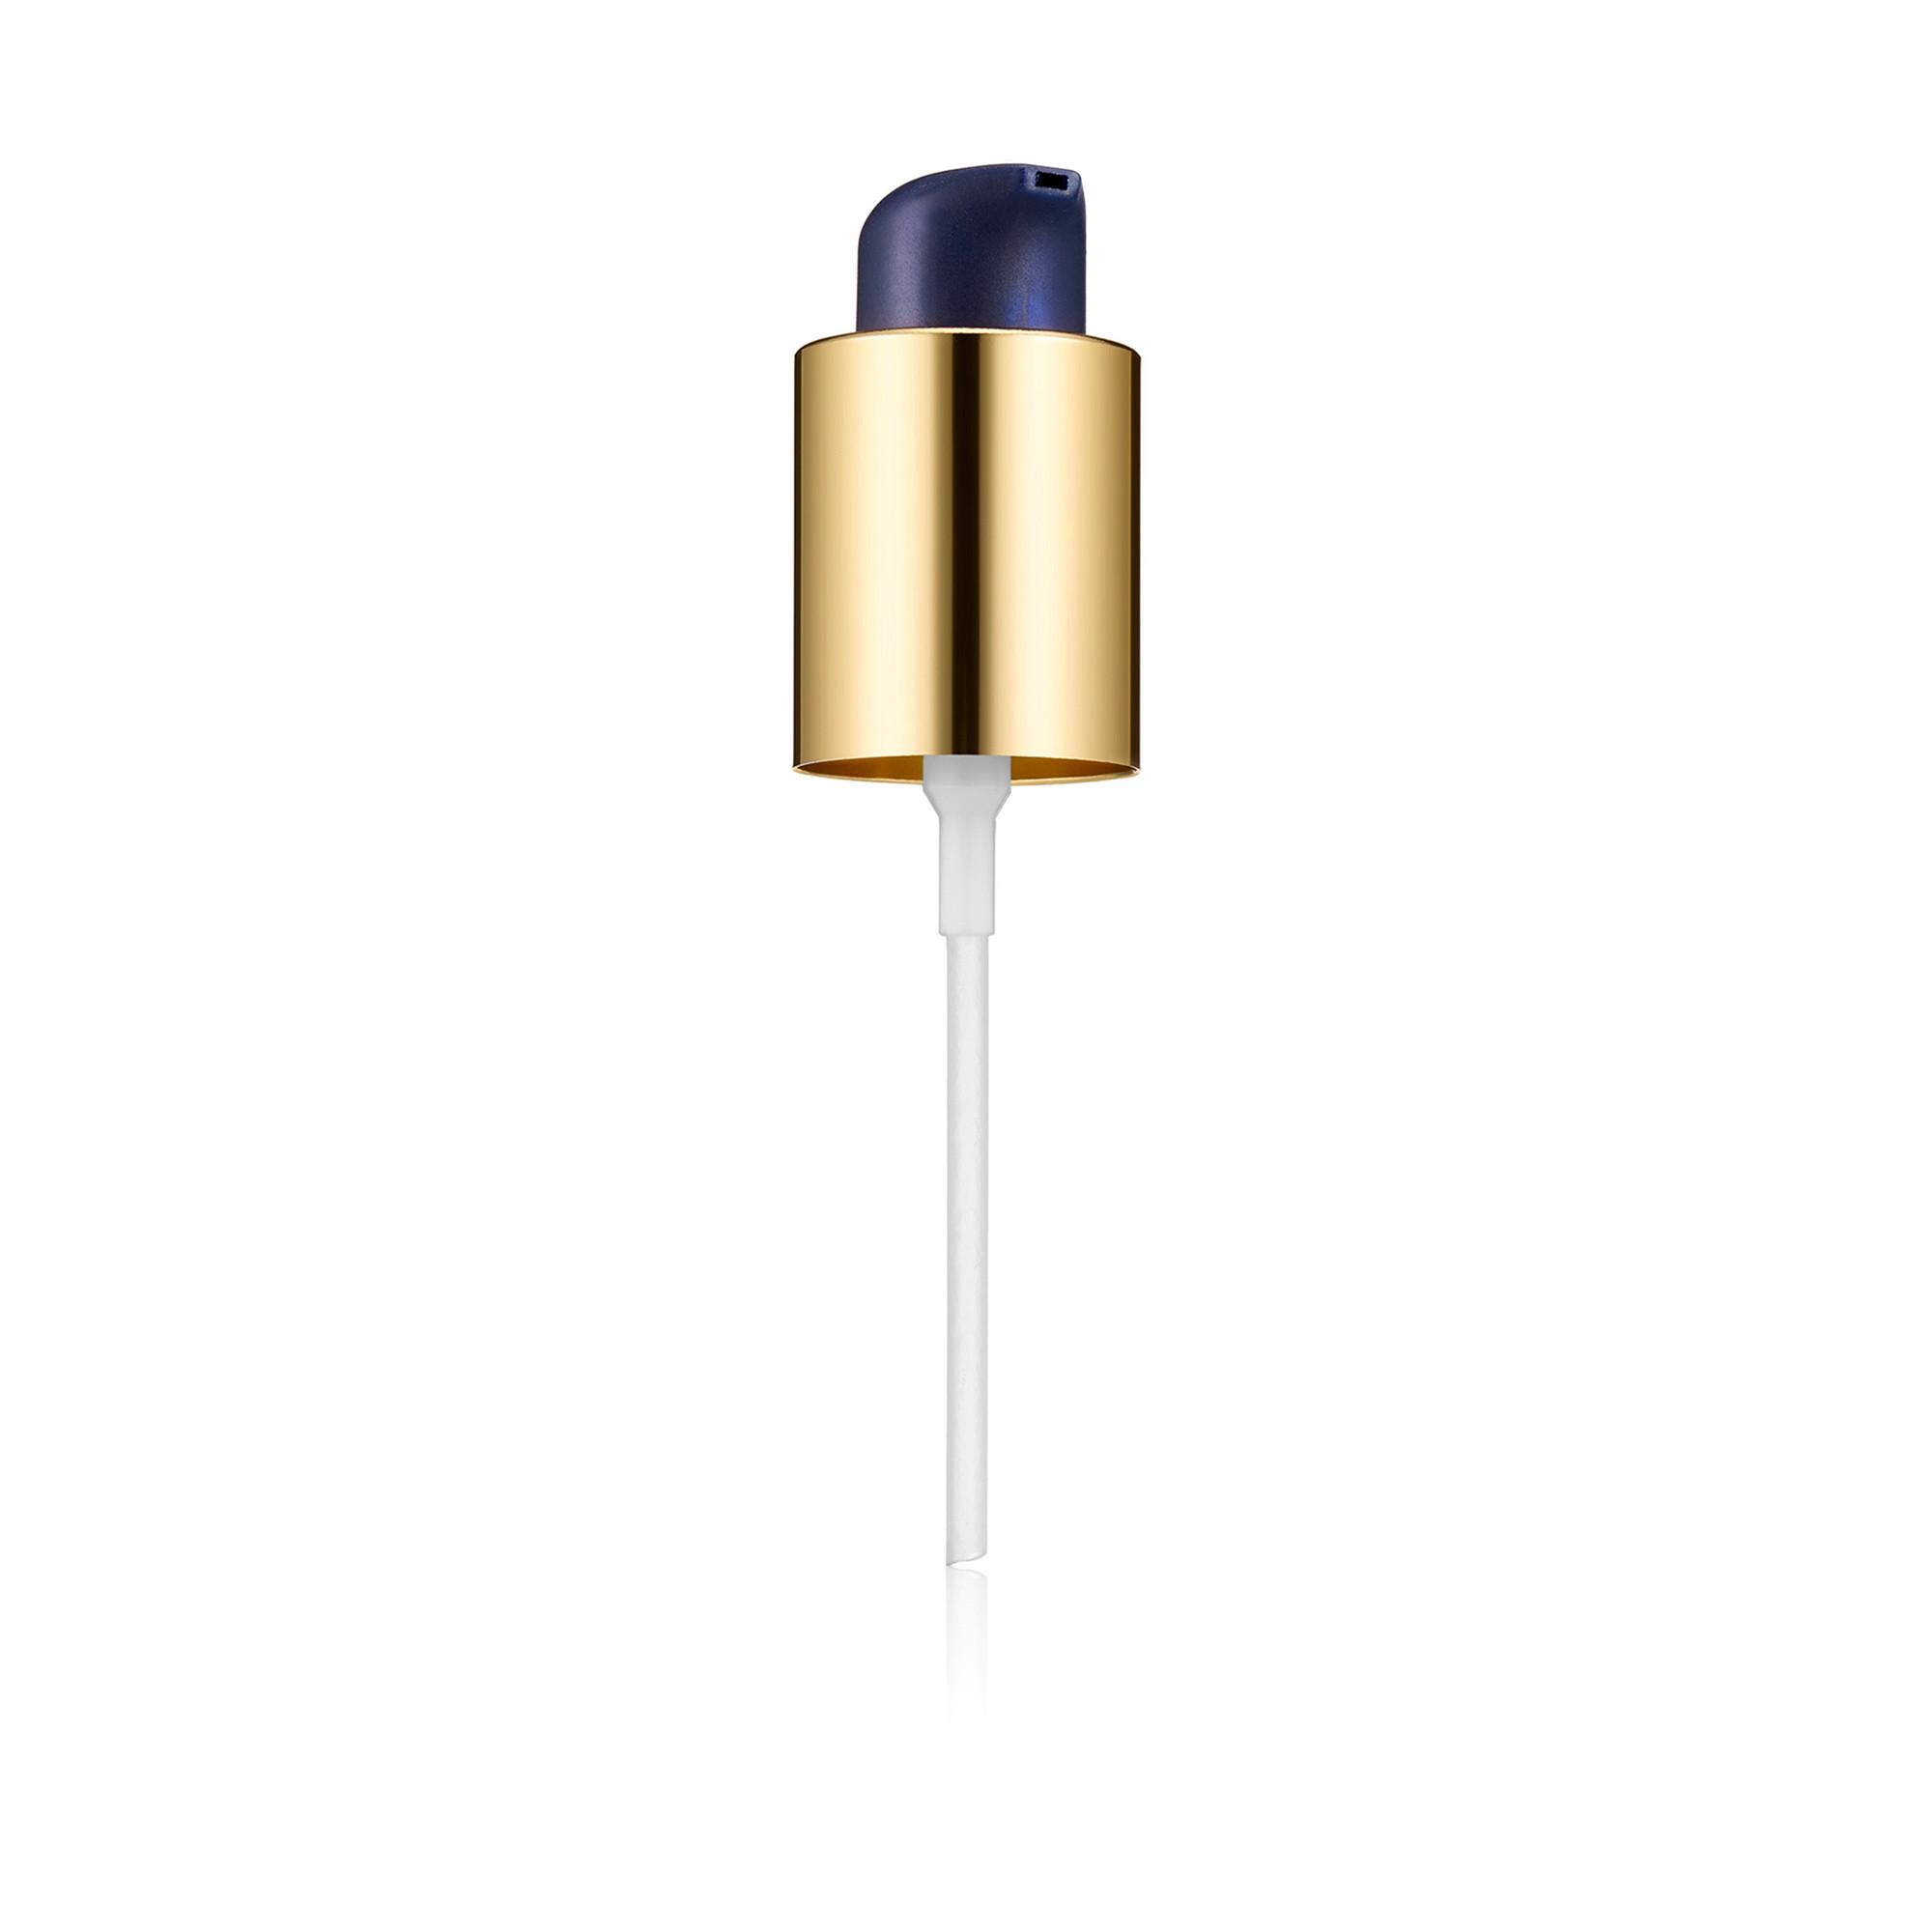 Estée Lauder double wear sip pump 1 pcs, Beige, large image number 1